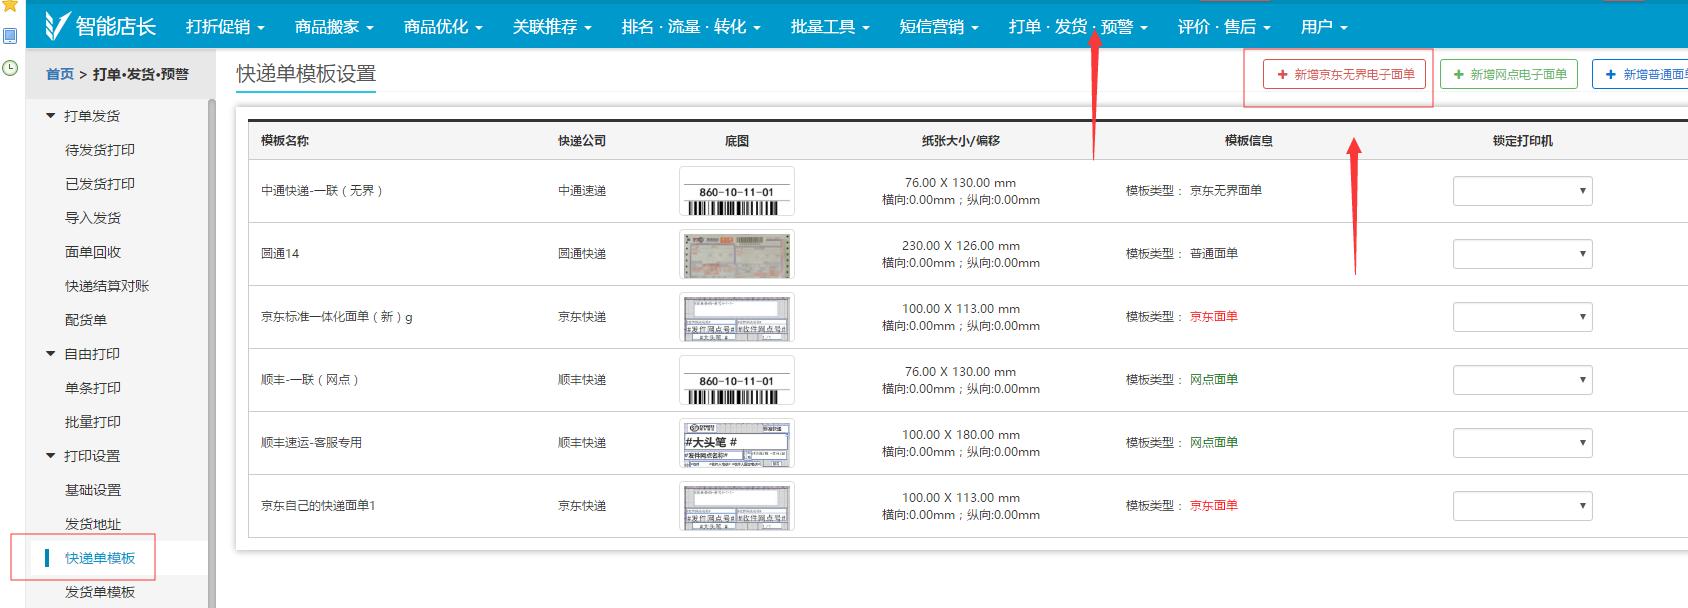 京东打单发货 批量打印快递单 批量发货